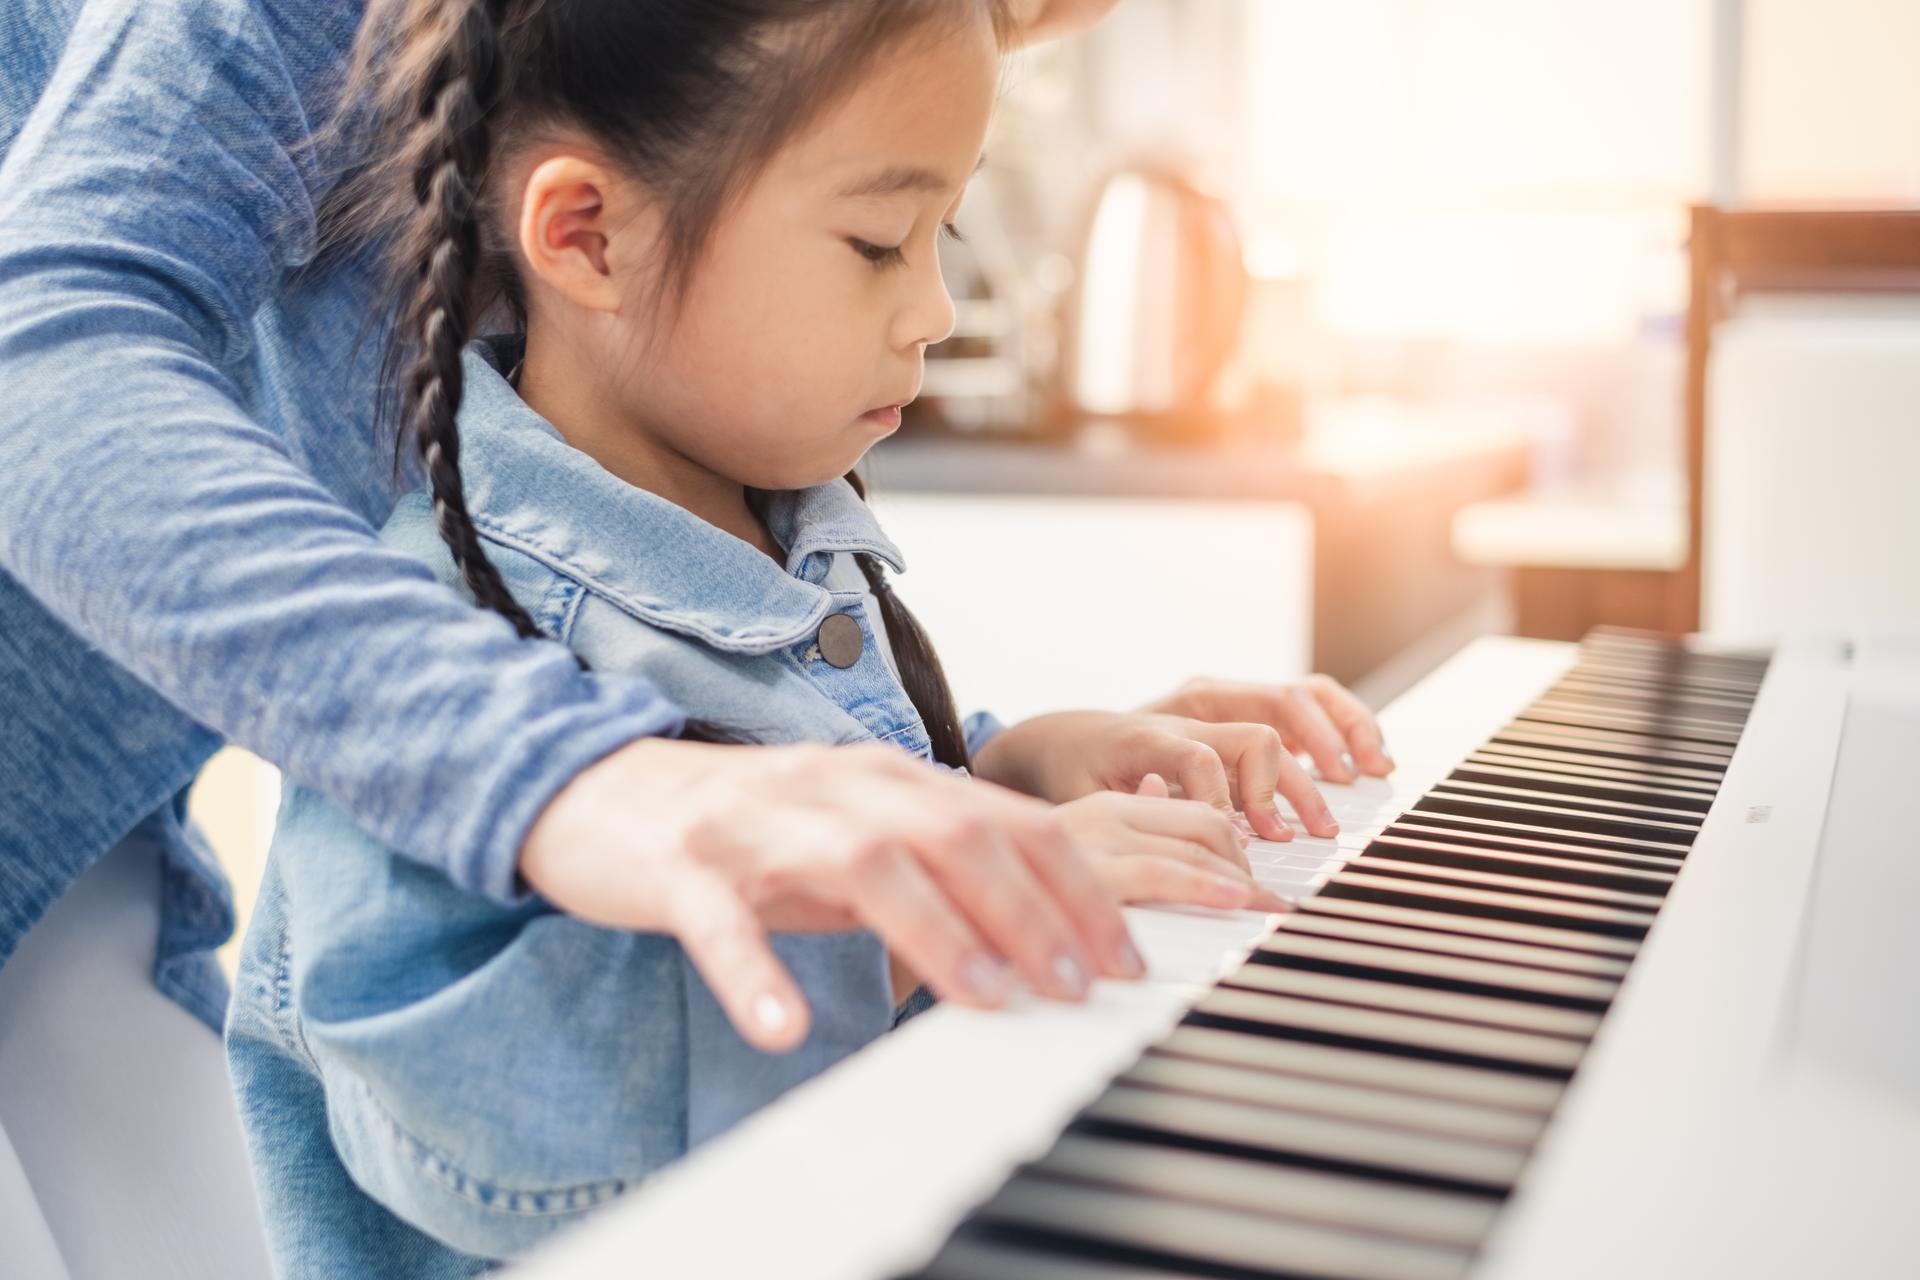 Klavier finanzieren: Diese Möglichkeiten gibt es